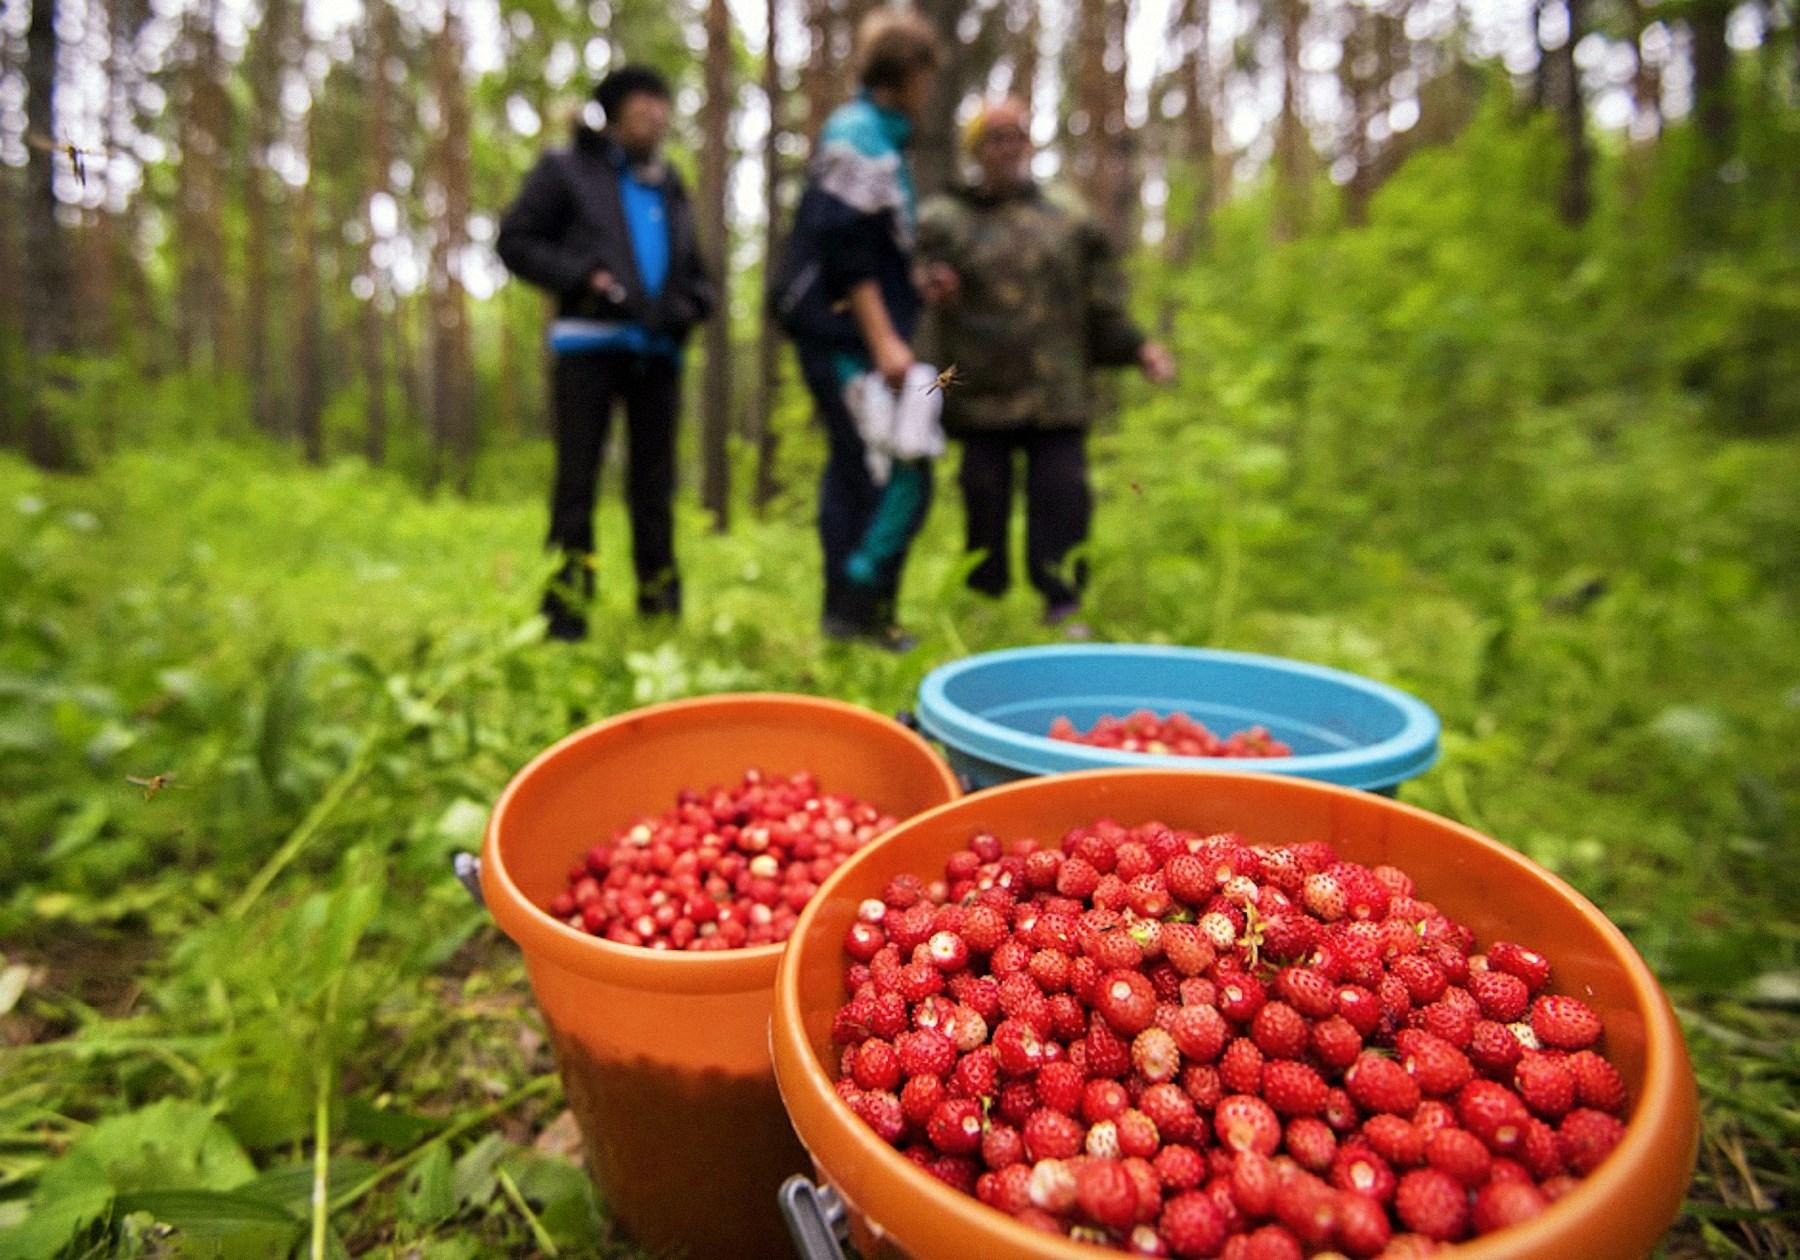 00 strawberries in Omsk Oblast. 010815